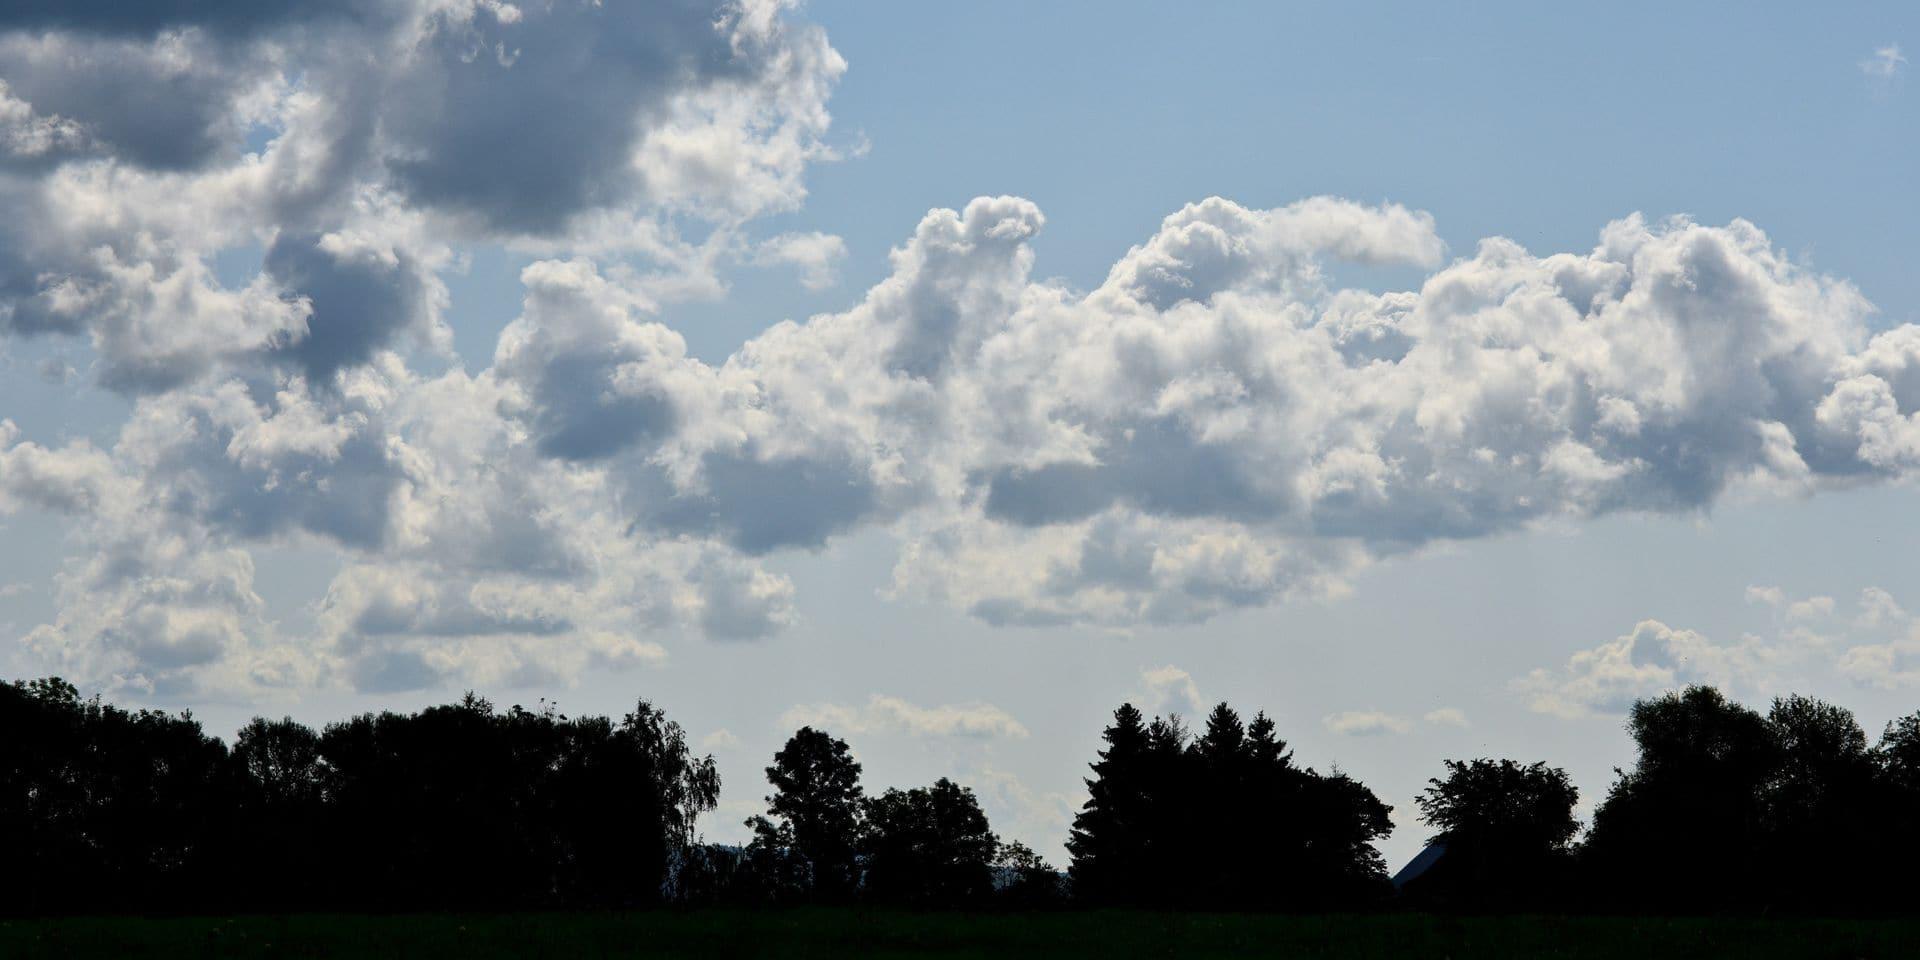 Météo: un temps doux mais nuageux avec quelques pluies